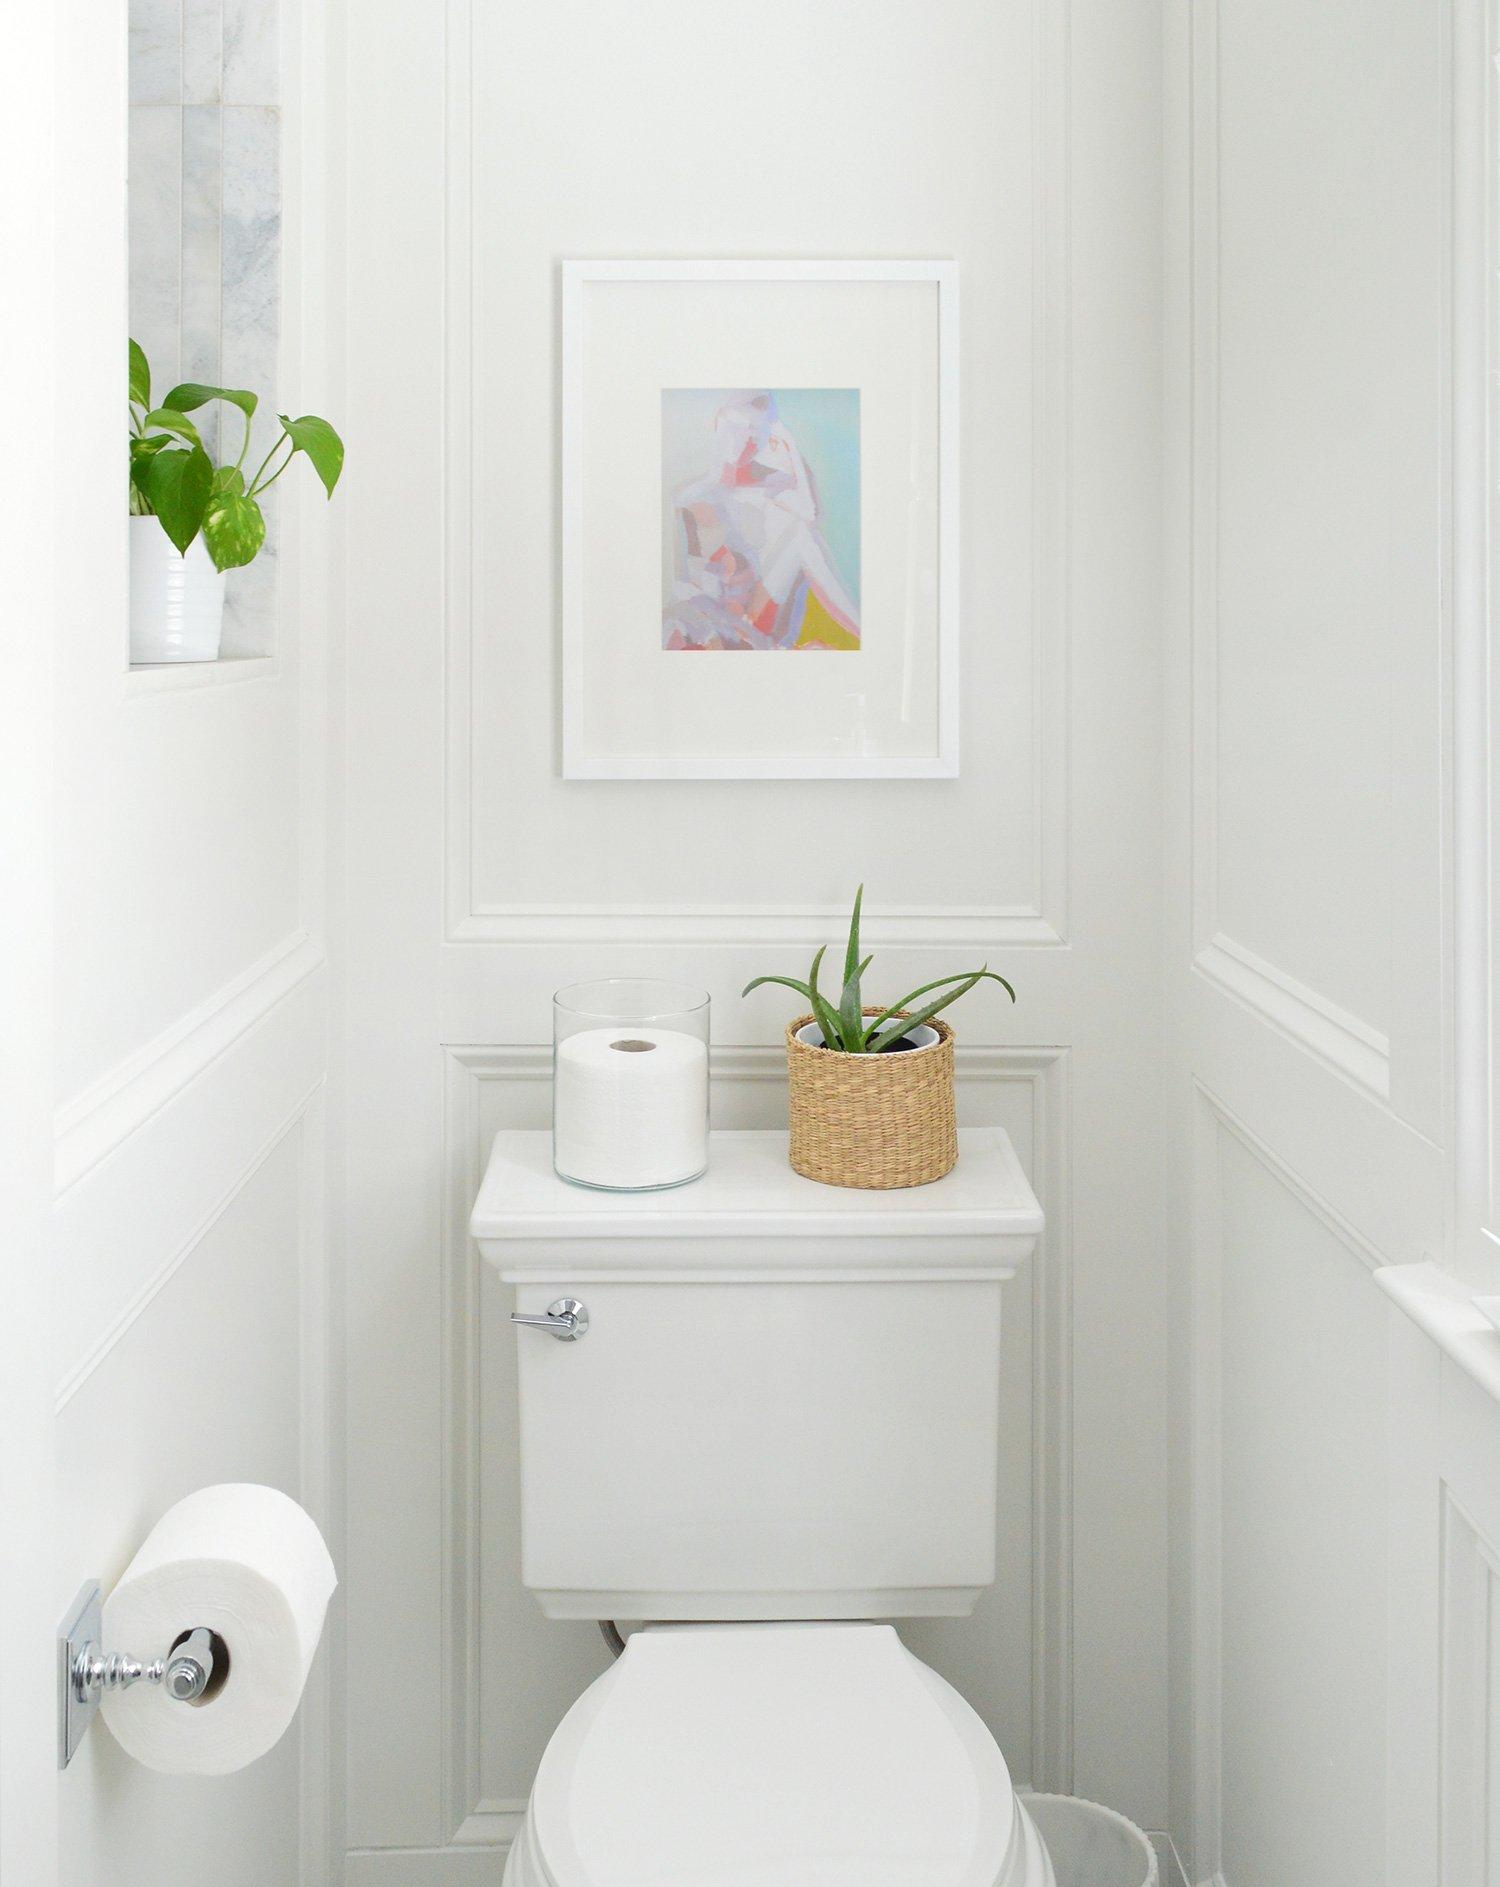 toilet nook details in bathroom